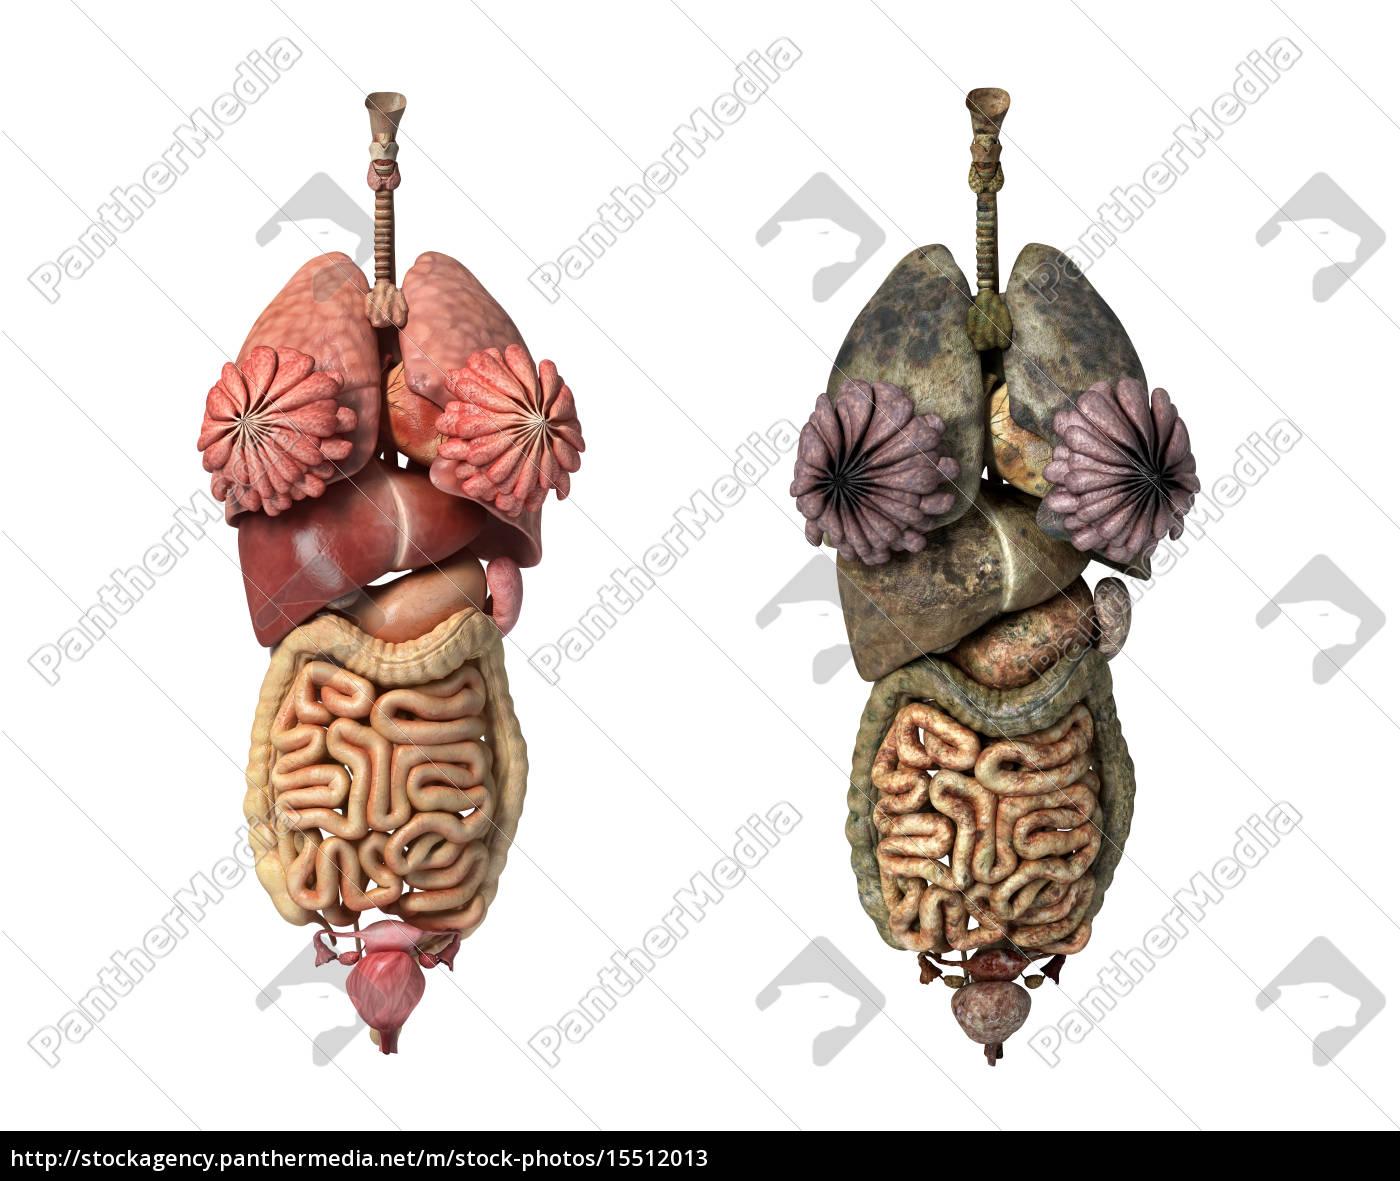 Tolle Bilder Der Inneren Organe Des Körpers Ideen - Menschliche ...